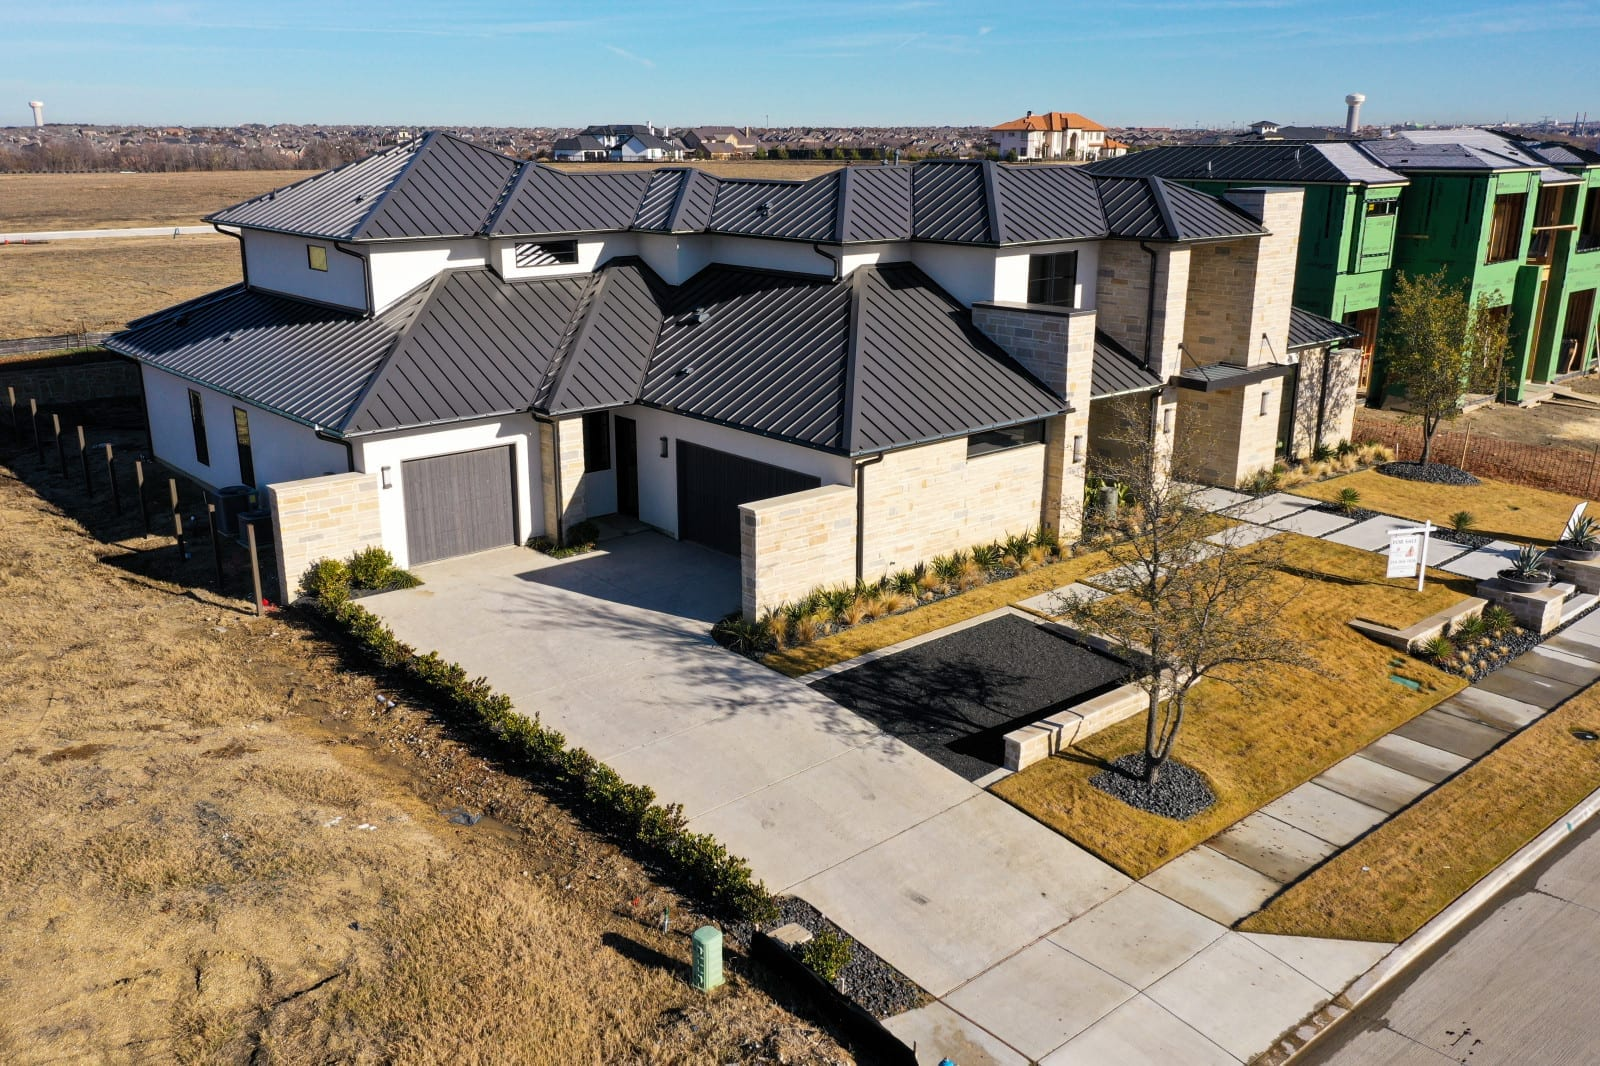 modern home design 51 - Millennial Design + Build